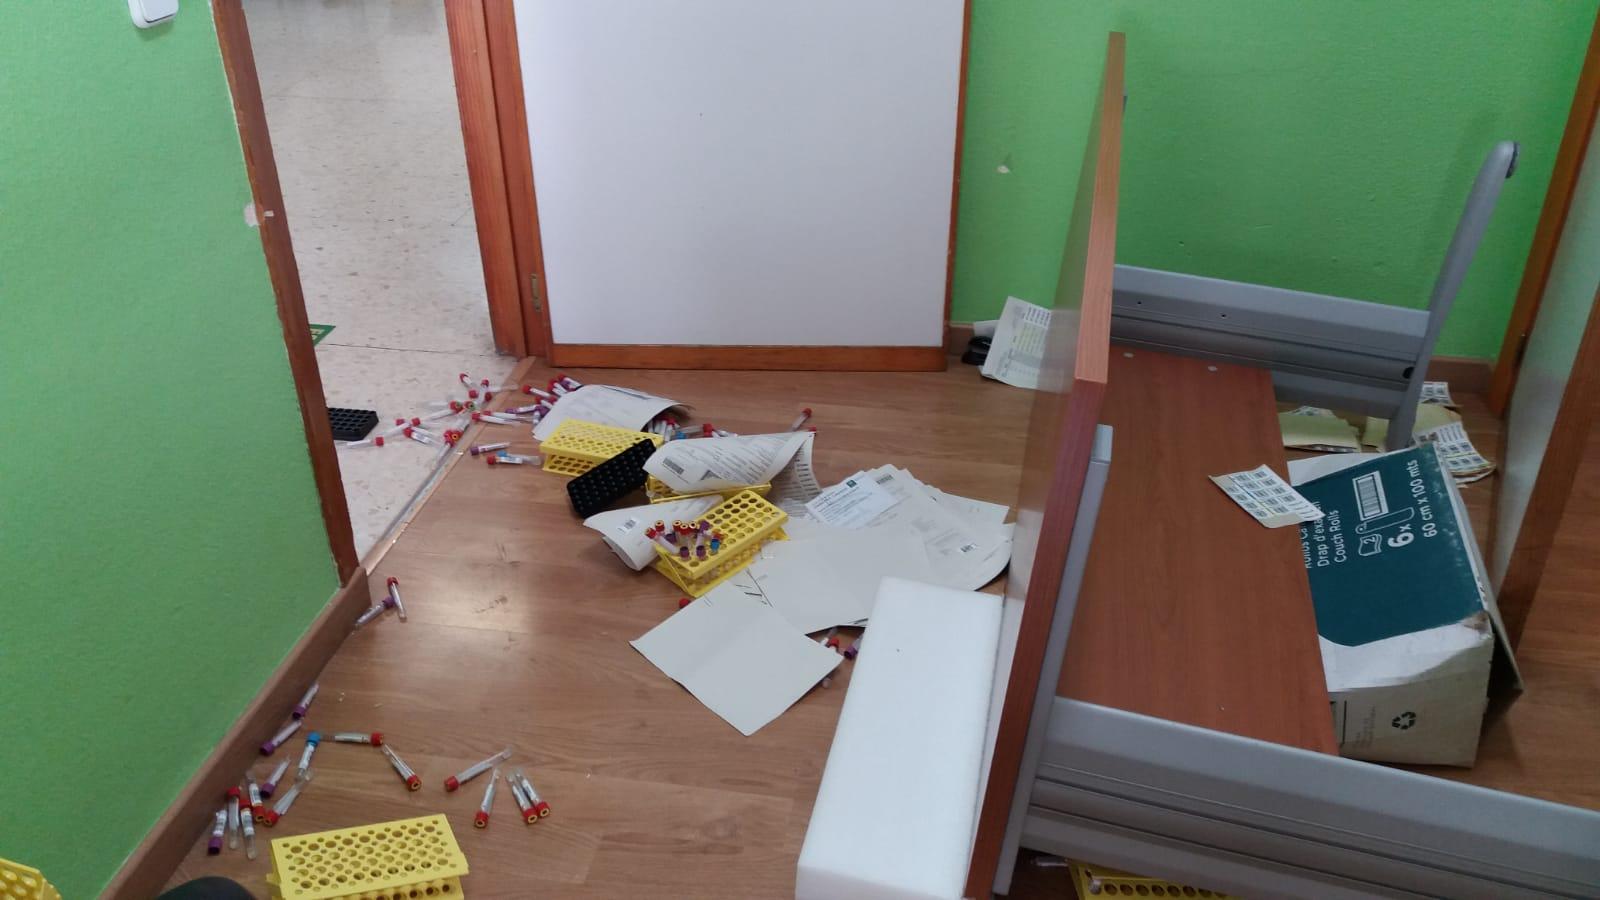 Un paciente amenaza con matar al personal de un centro de salud tras destrozar sus instalaciones